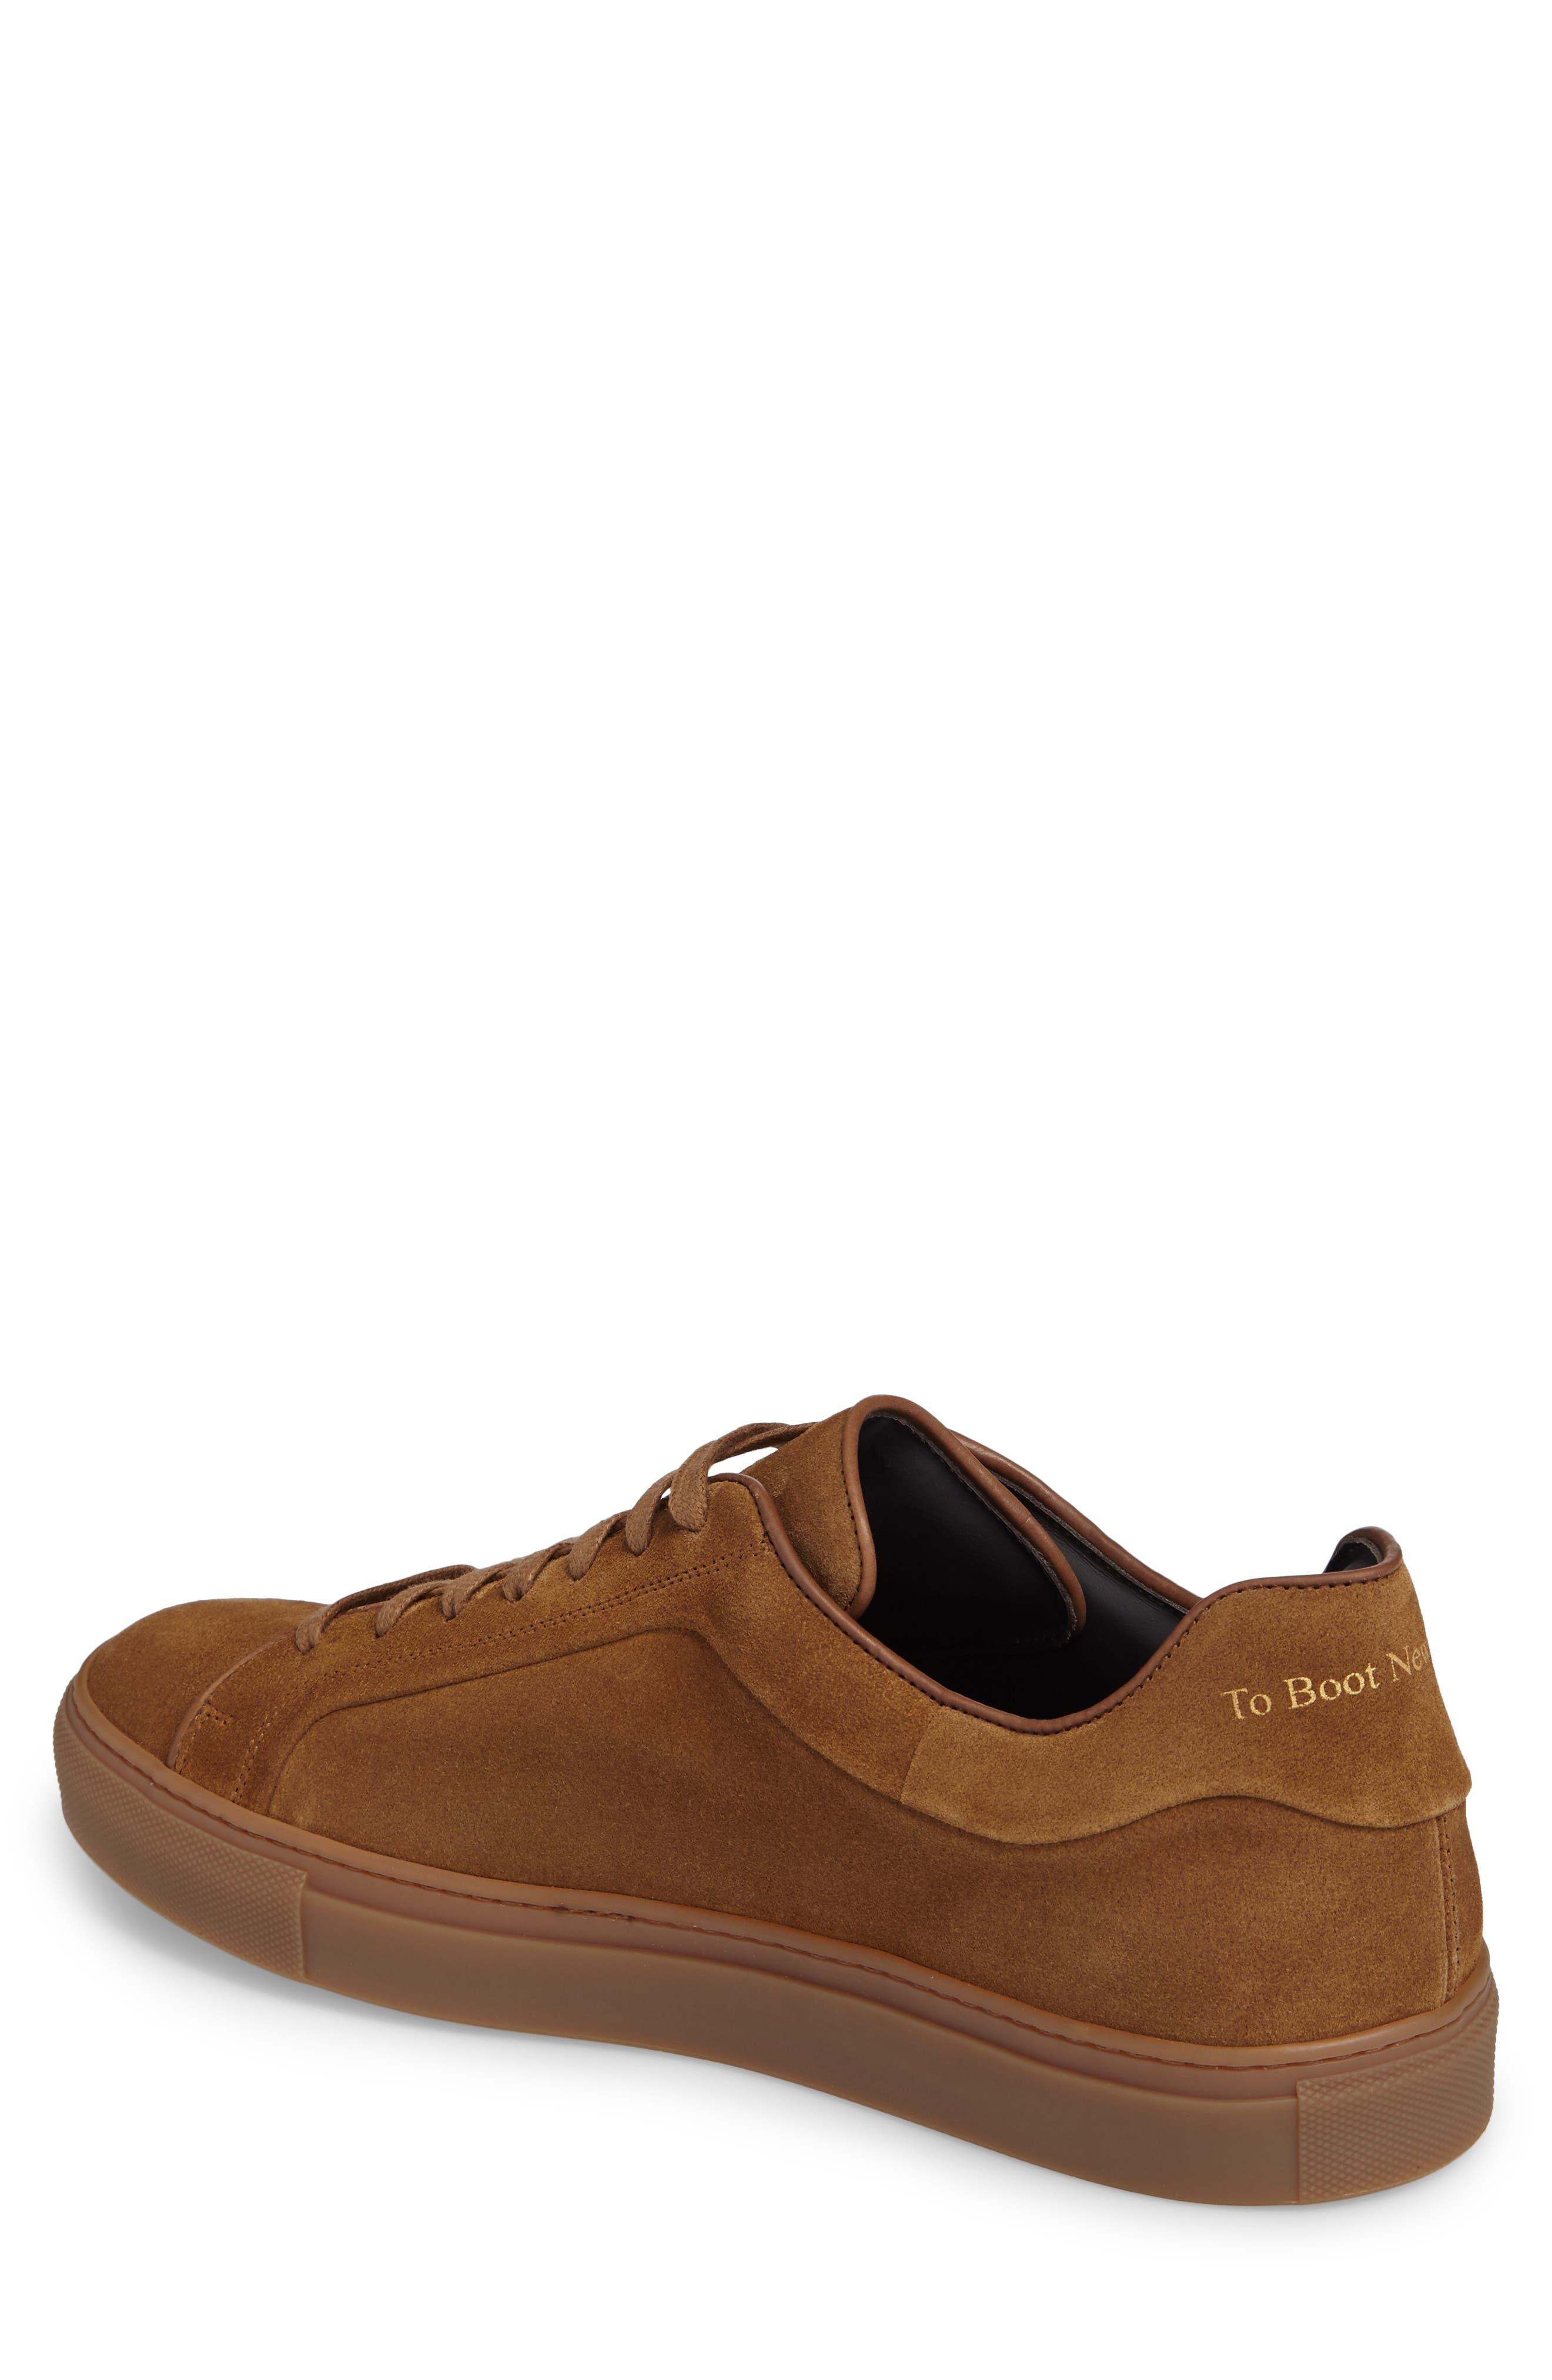 Marshall Sneaker,                             Alternate thumbnail 13, color,